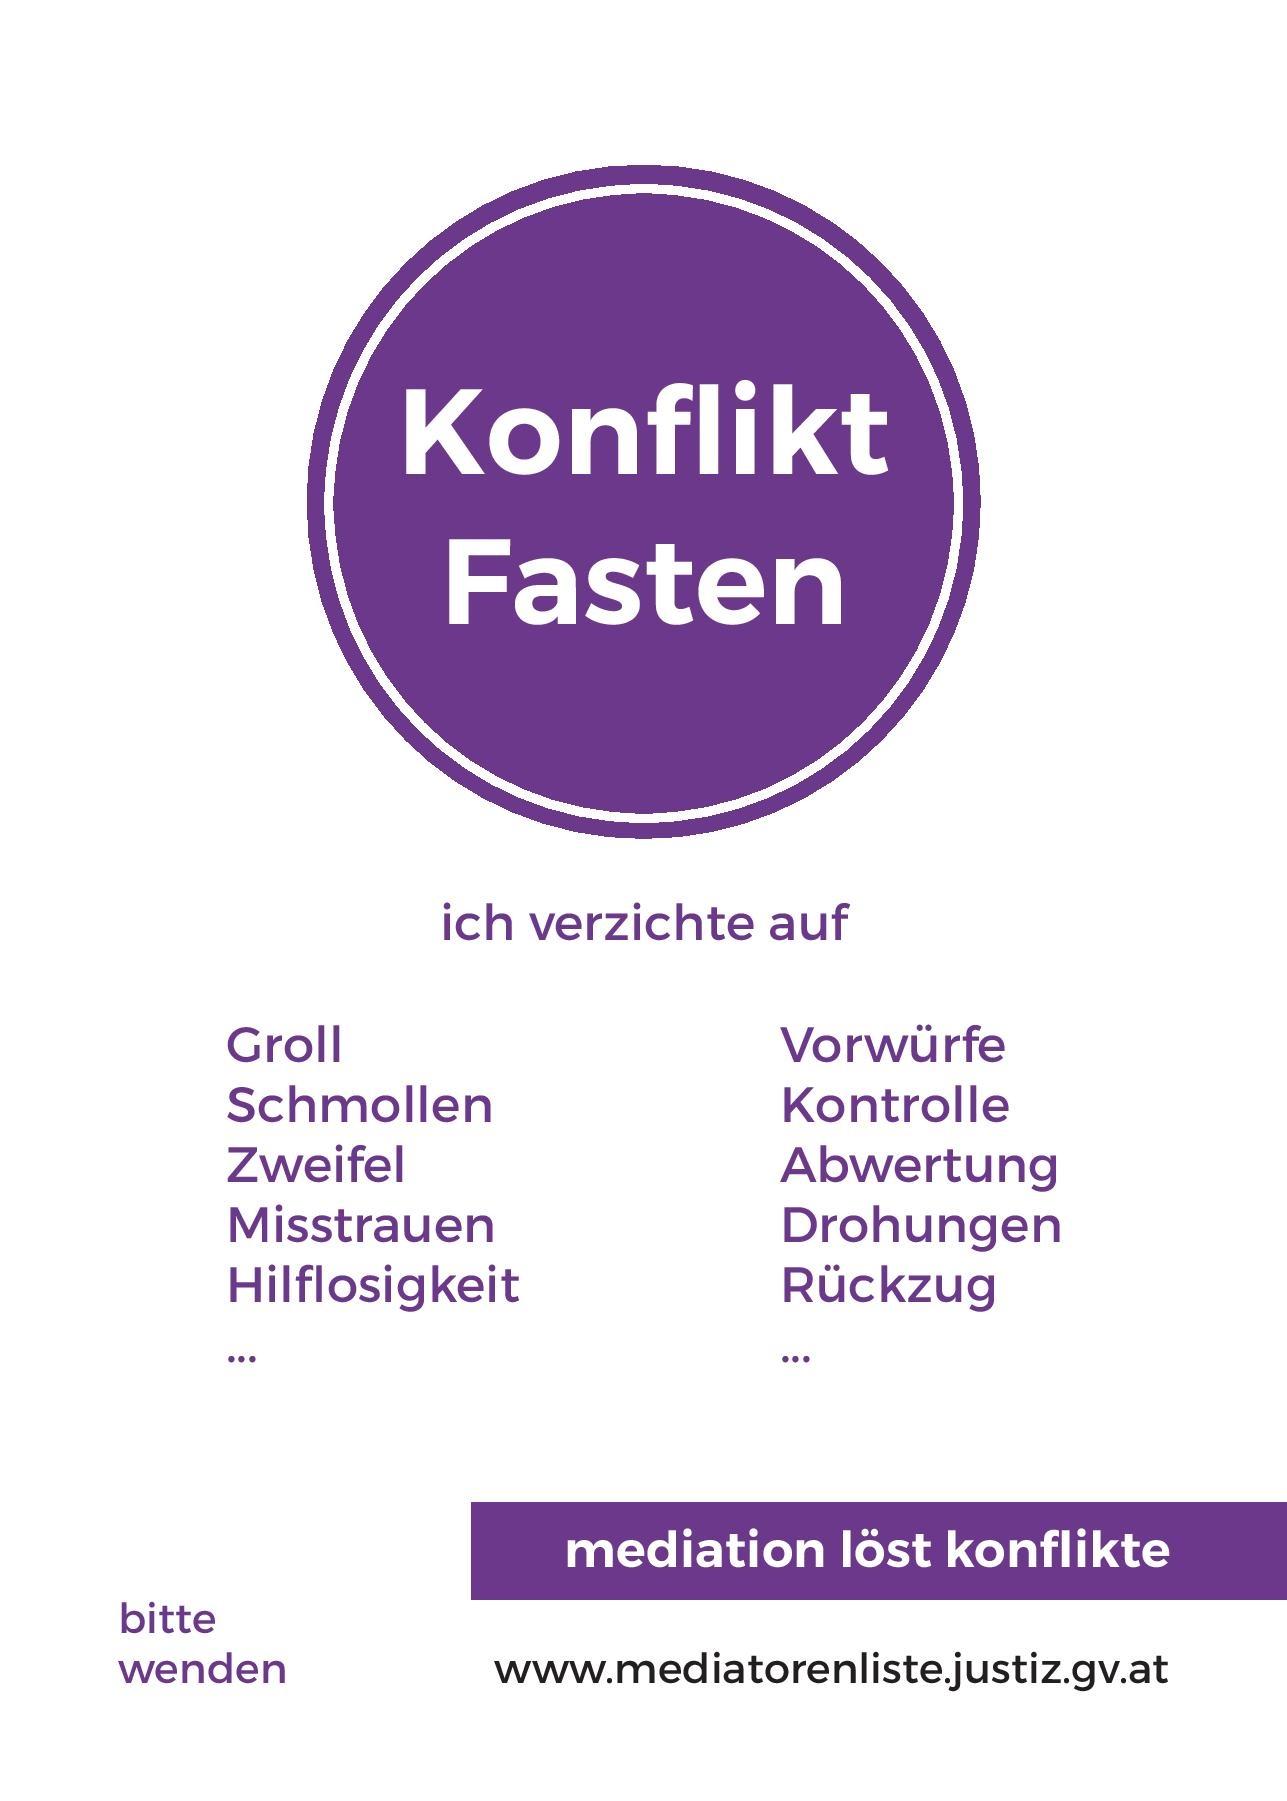 Konfliktfasten - eine Aktion der steirischen MediatorInnen, die zum Verzicht auf konfliktförderndes Verhalten in der Fastenzeit einlädt